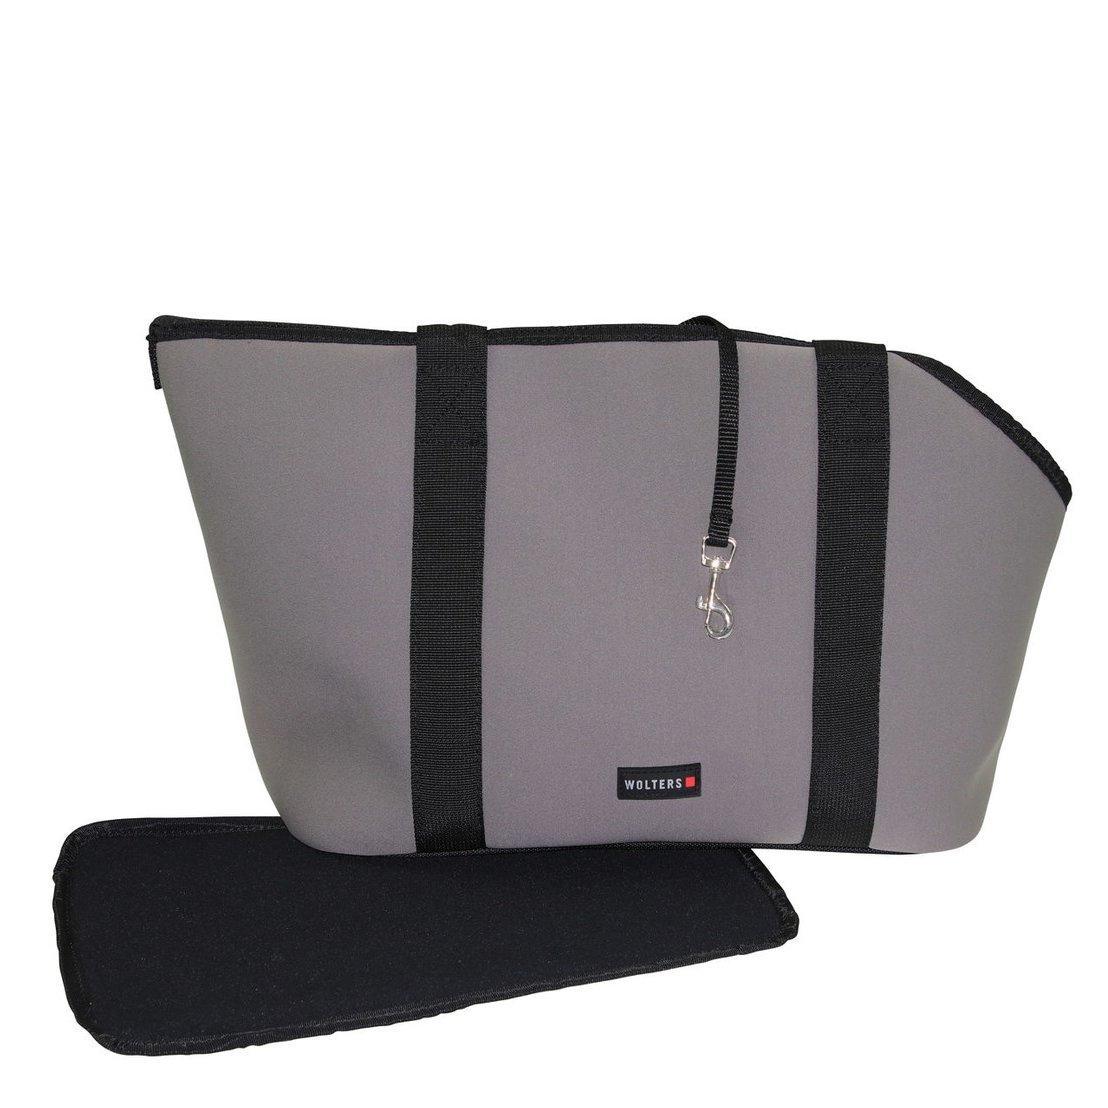 Wolters Hundetasche Softbag Grey Essentials Large, Bild 5